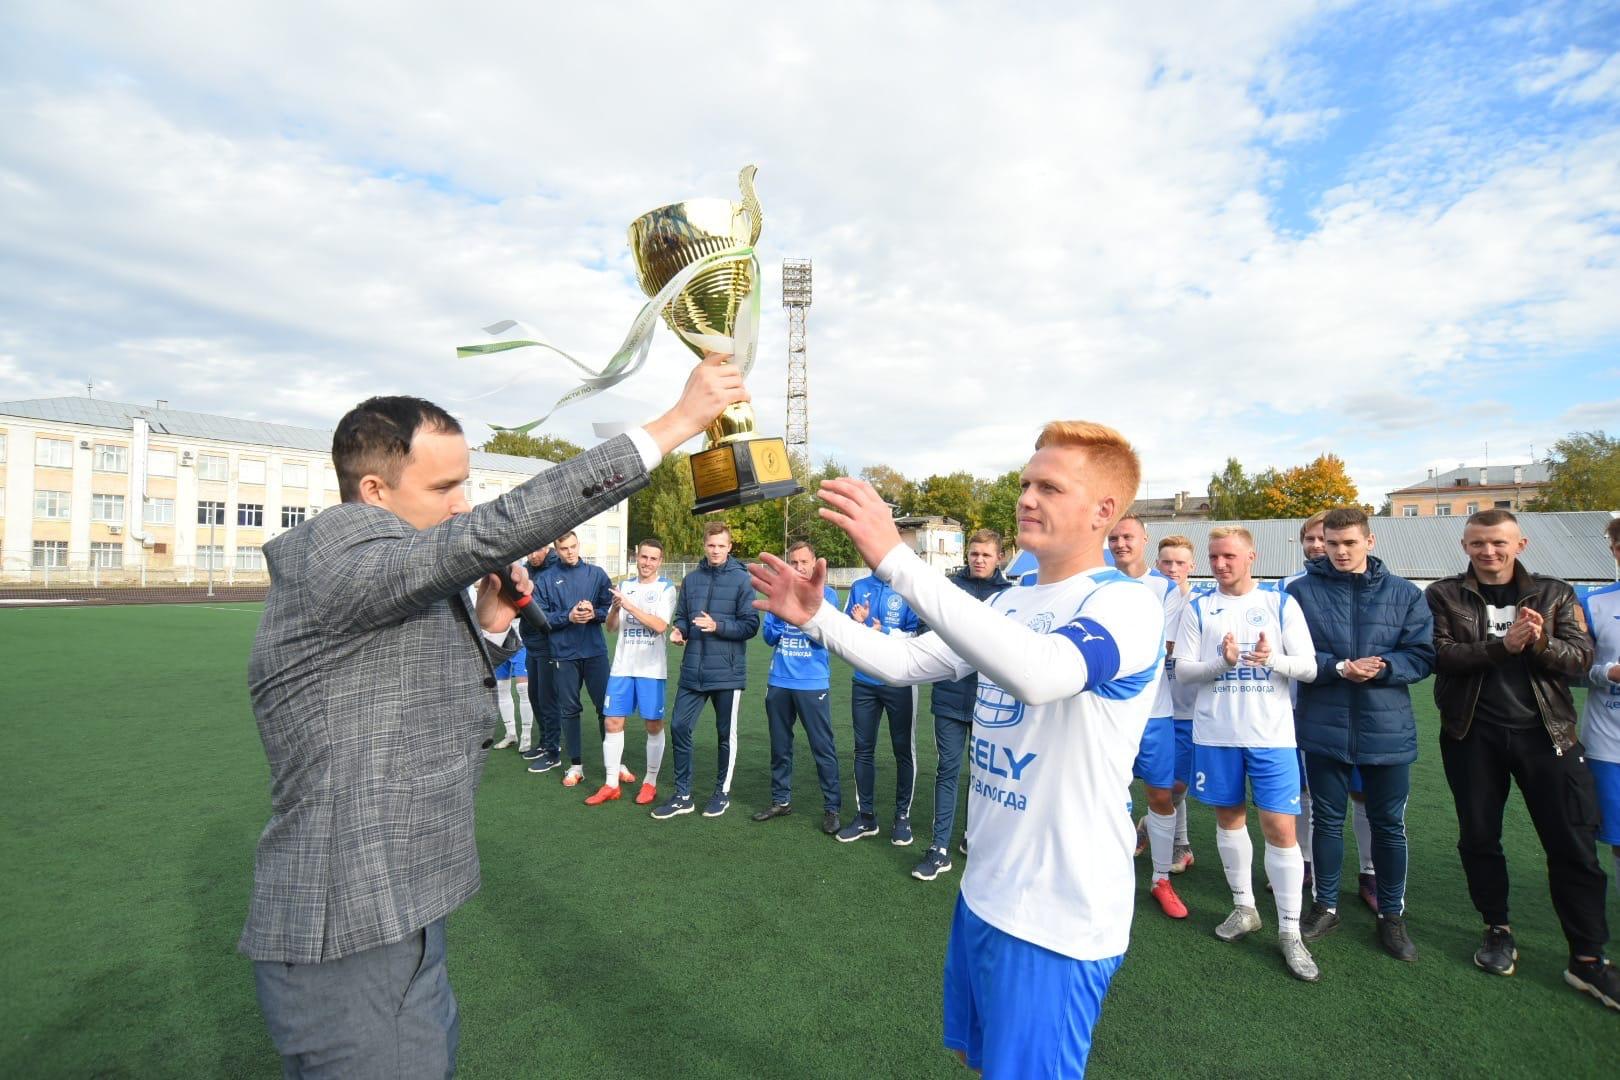 Впереди у «Динамо» последняя выездная игра в Чемпионате Золотого кольца